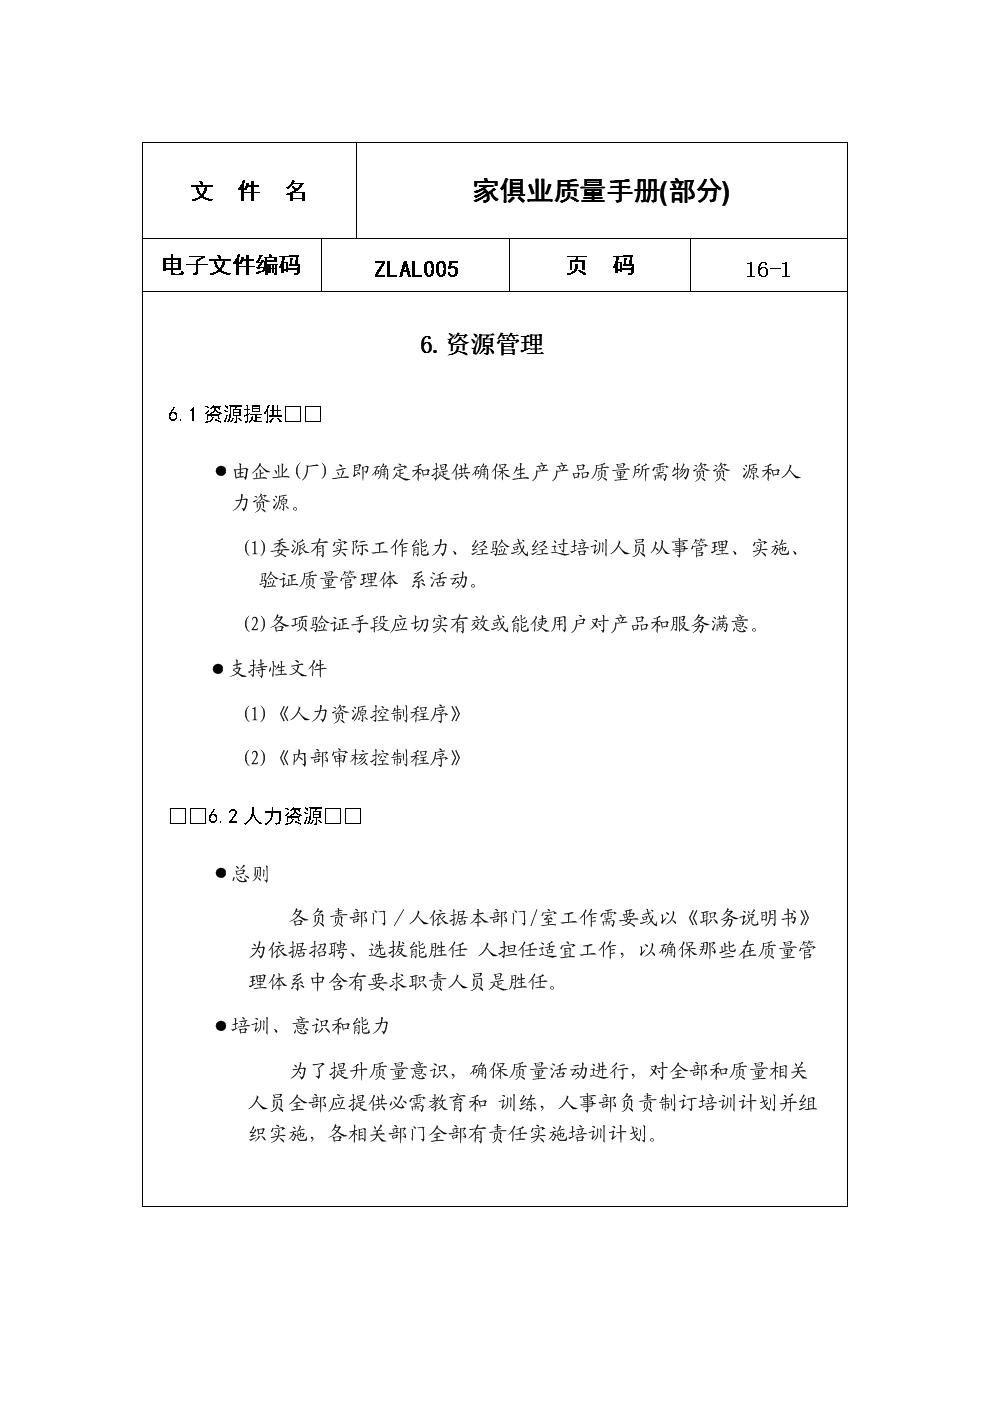 家具业质量基础手册部分.doc